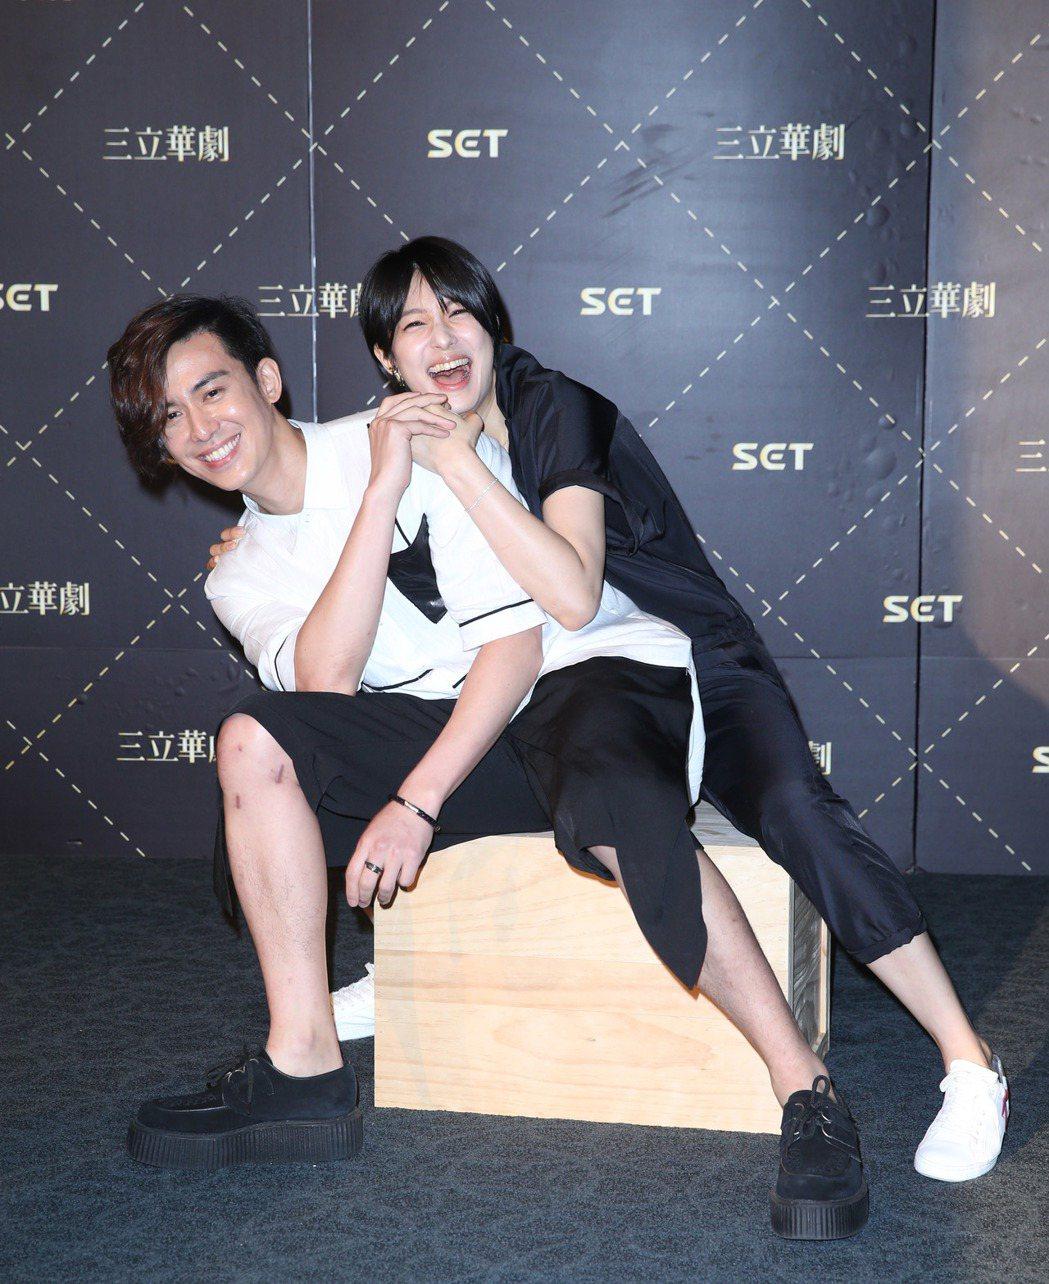 陳楚河與賴雅妍因為拍攝戲劇走紅,舉辦「愛上哥們前進日本」活動,記者會上與粉絲同樂...